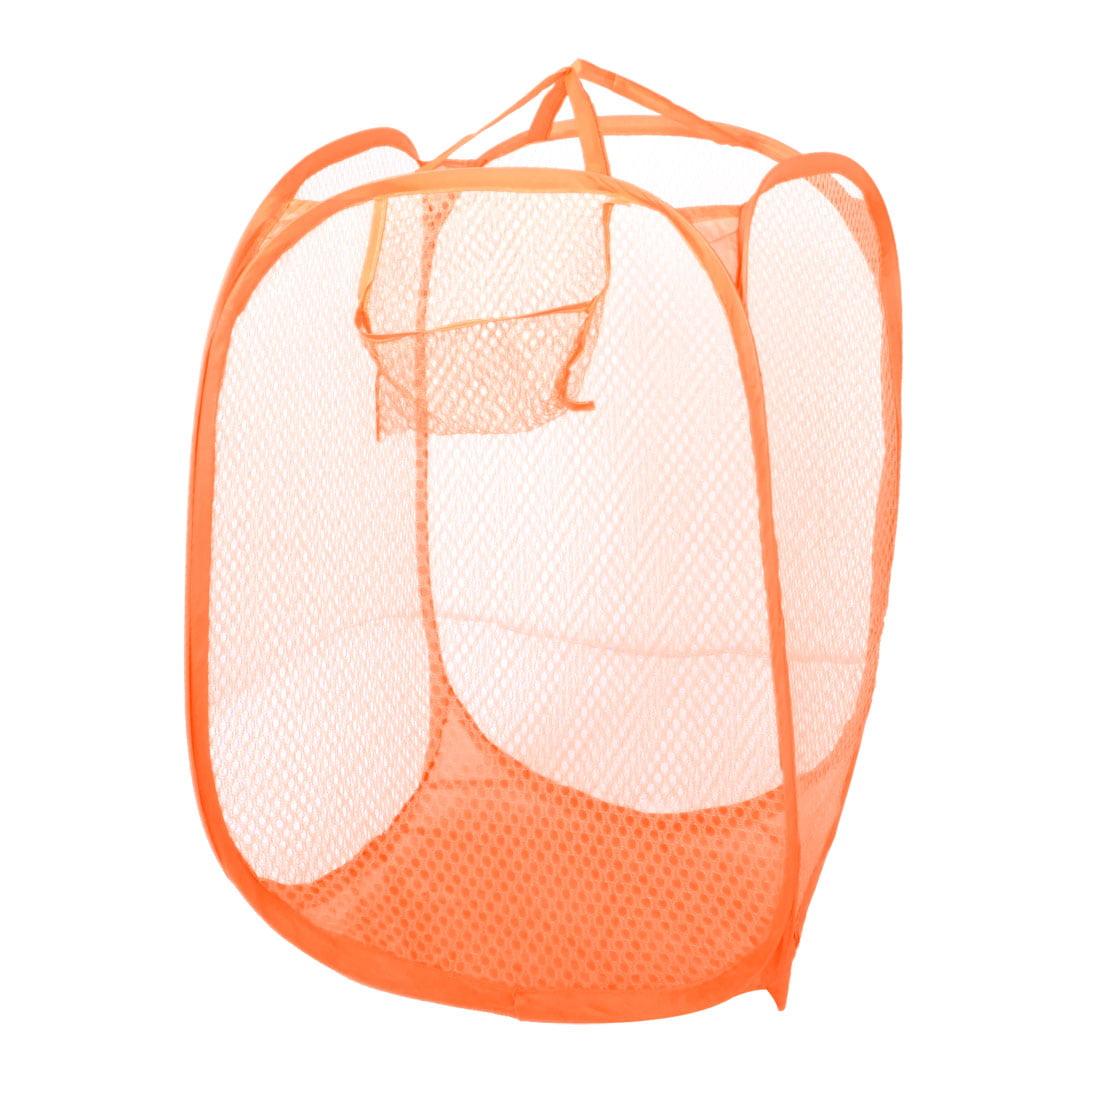 Orange Meshy Design Folding Tidy Laundry Bag Clothes Basket